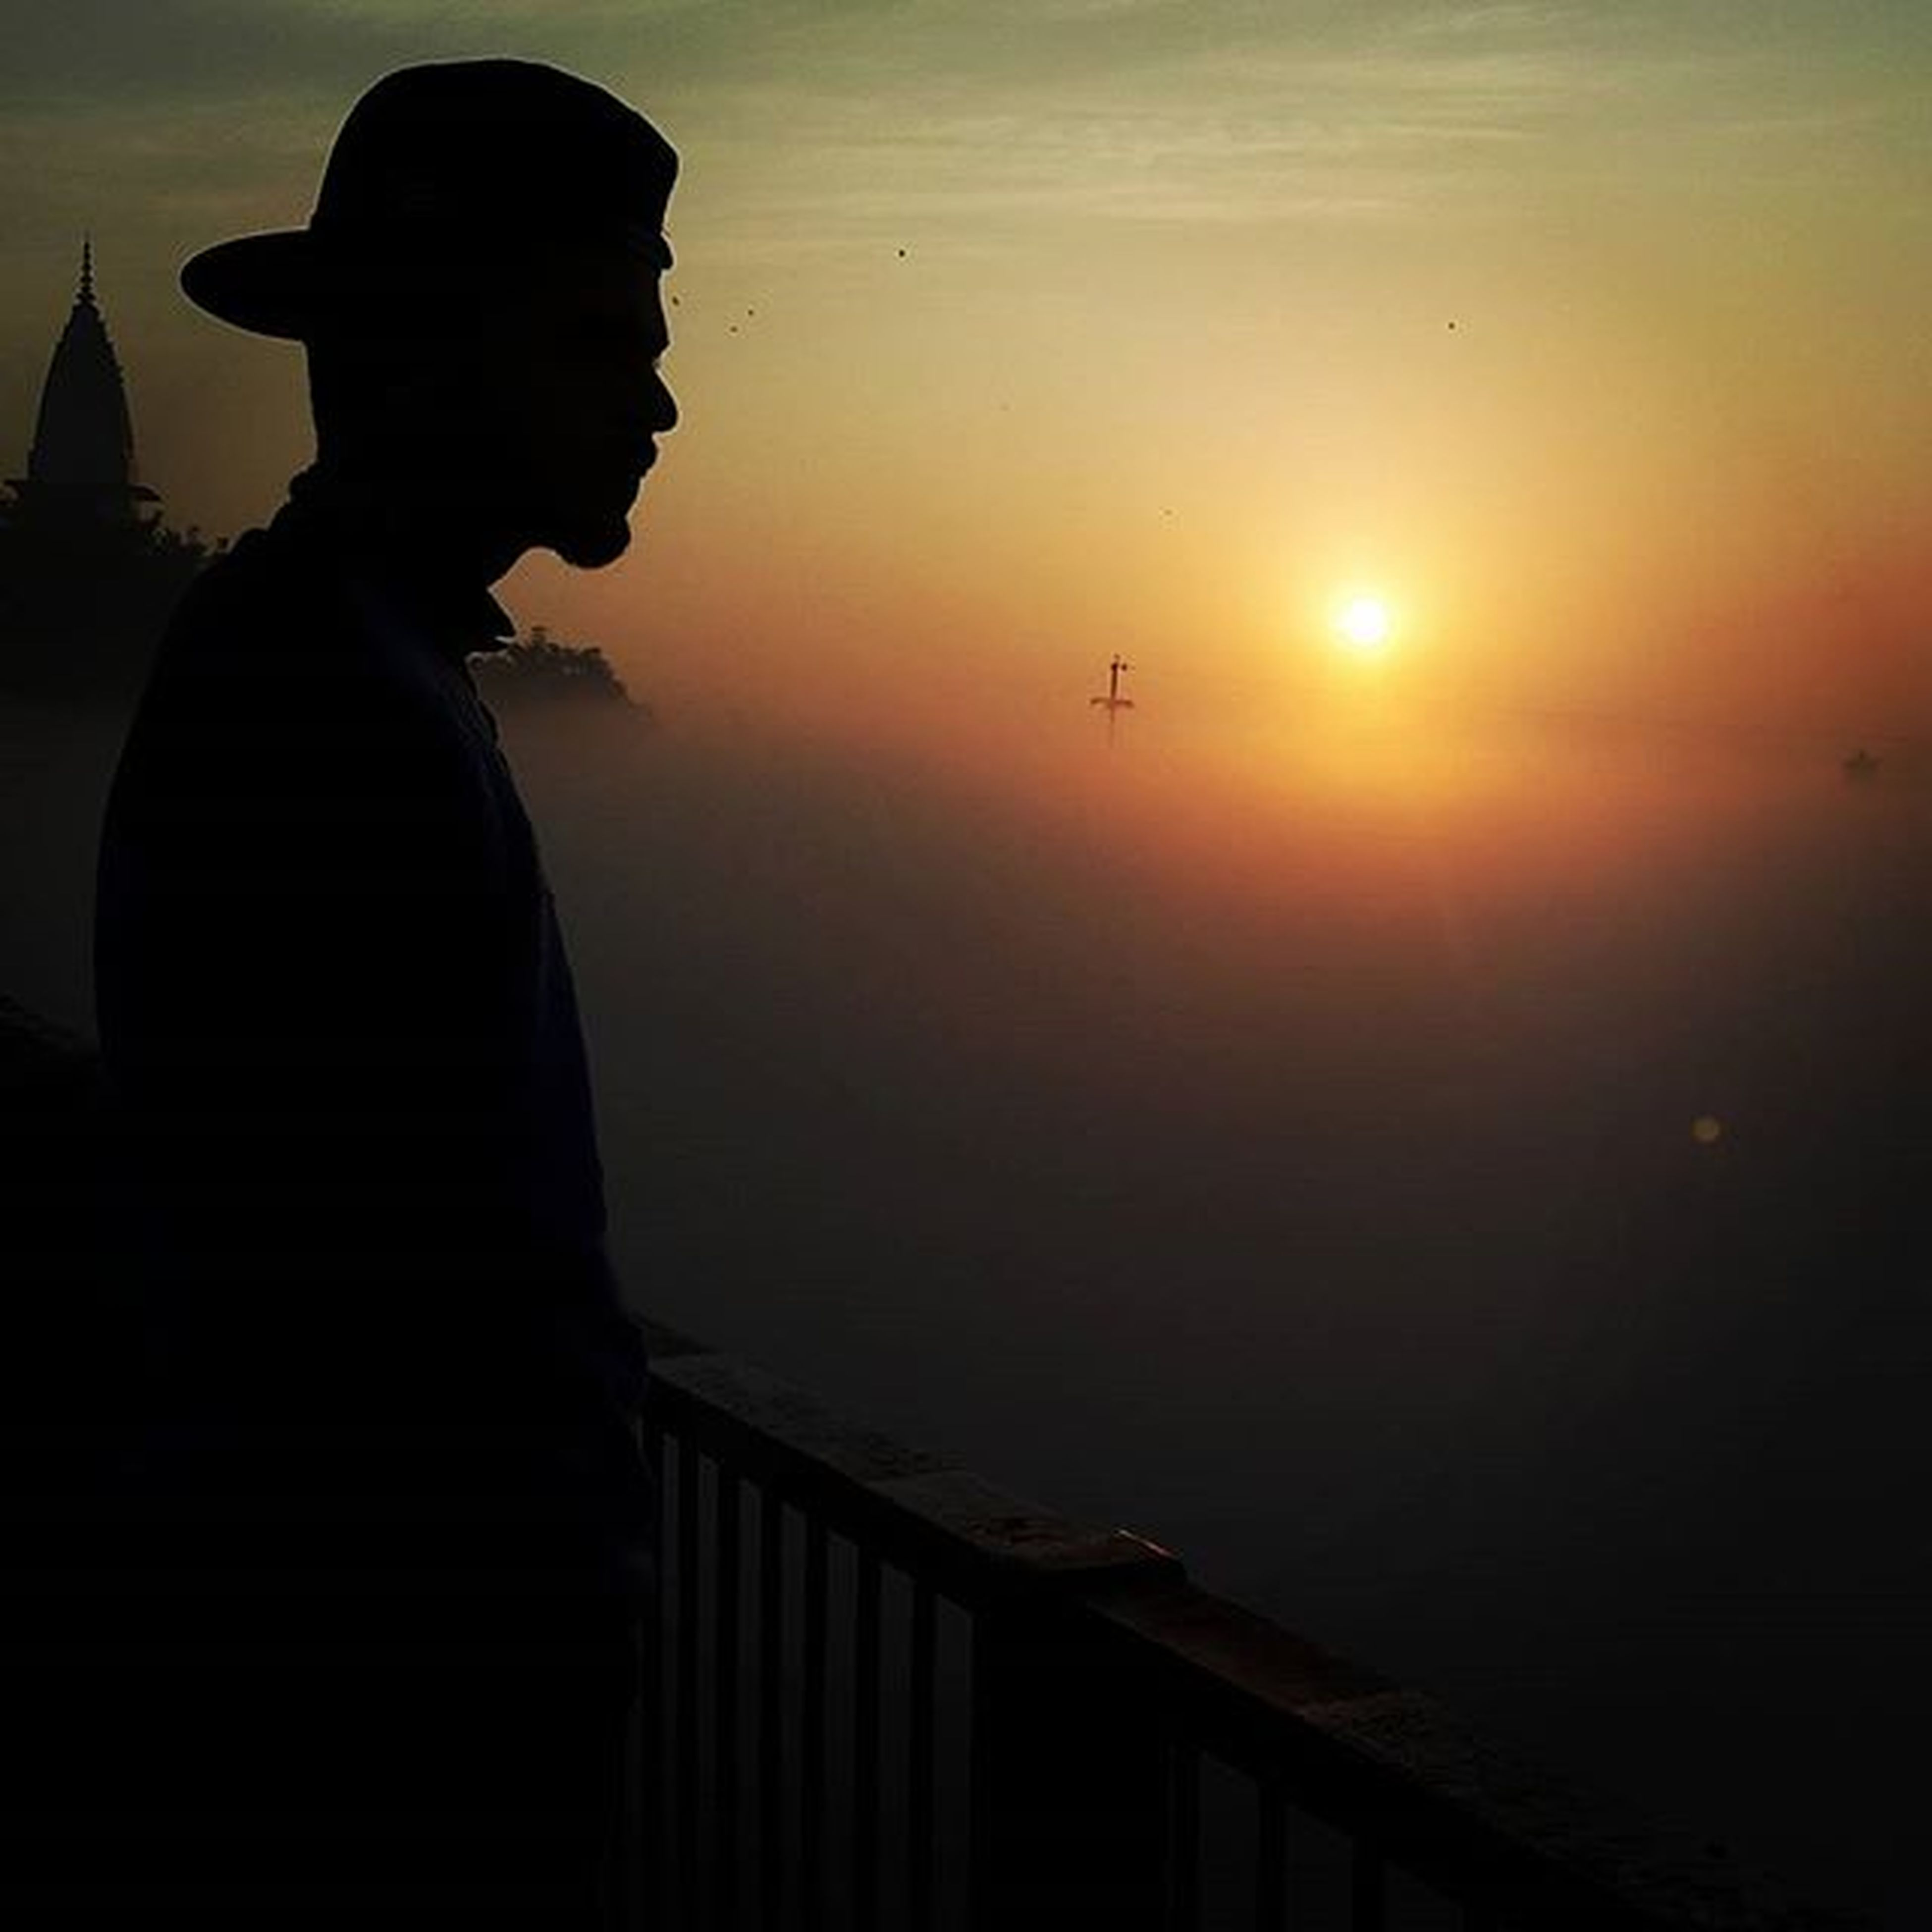 Boom_shiva Morning View Lake Fog Time Pone7da Najaare 😉💵🚘